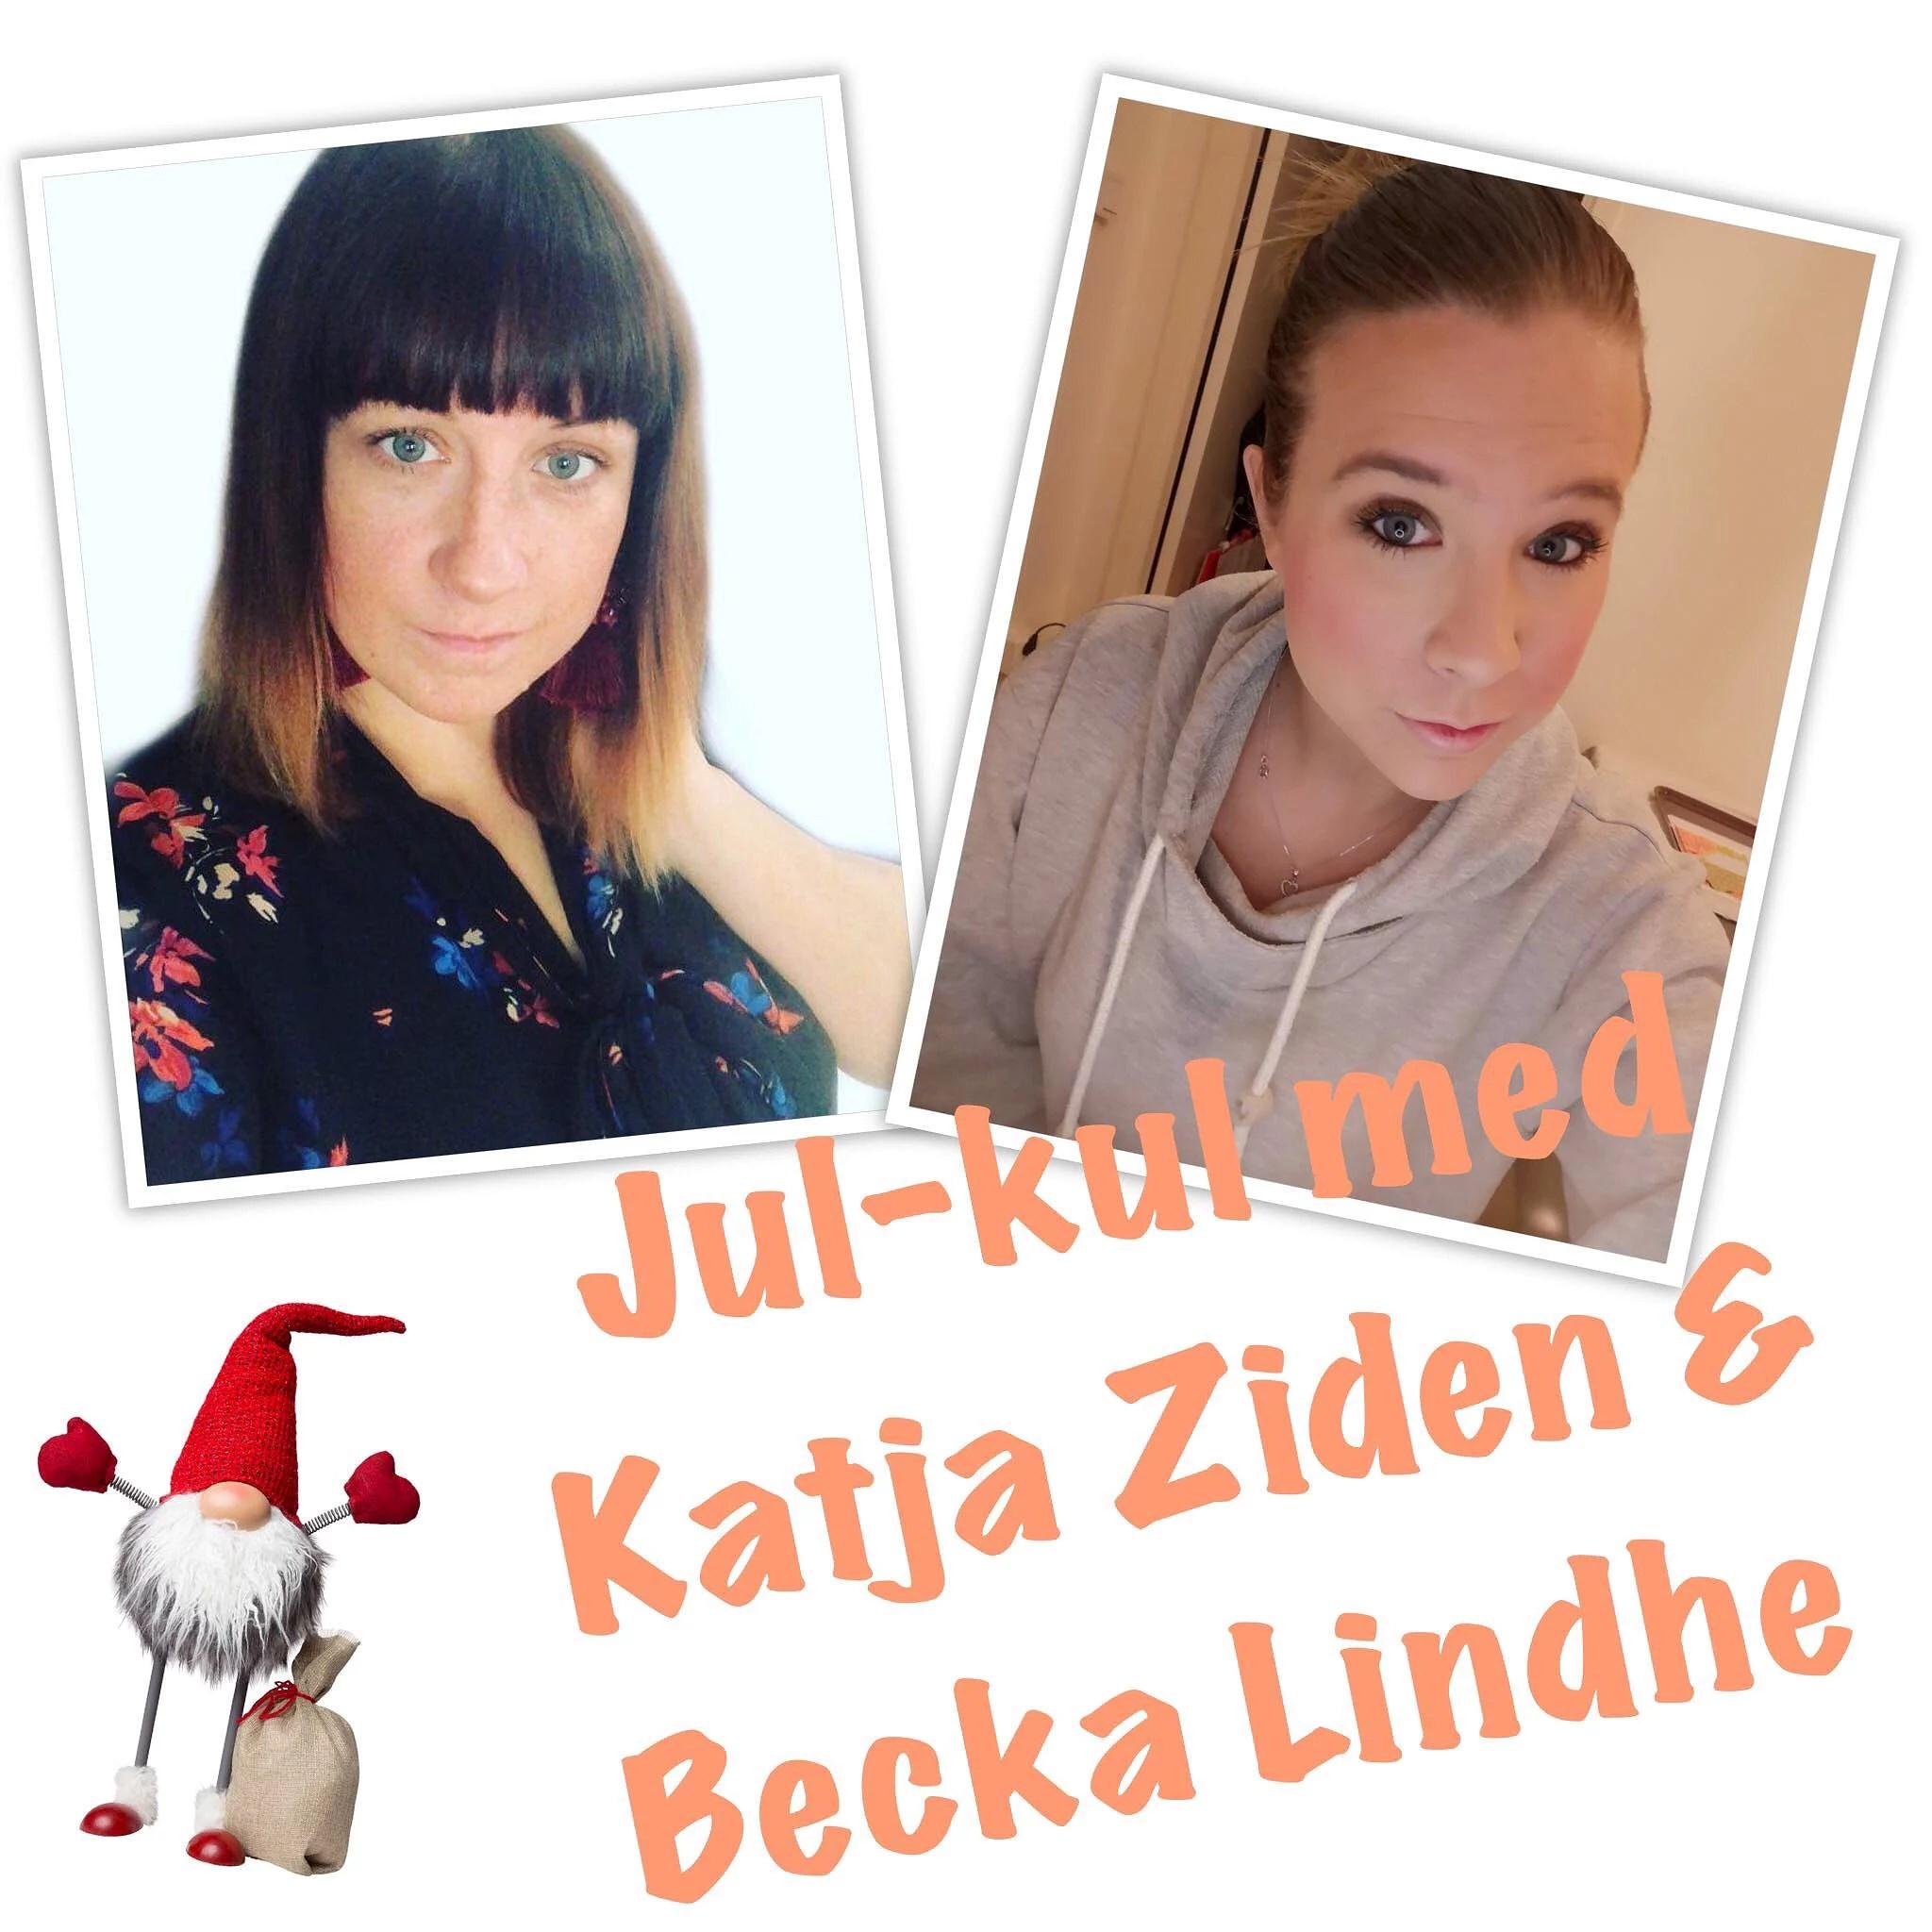 Jul-kul med Katja & Becka